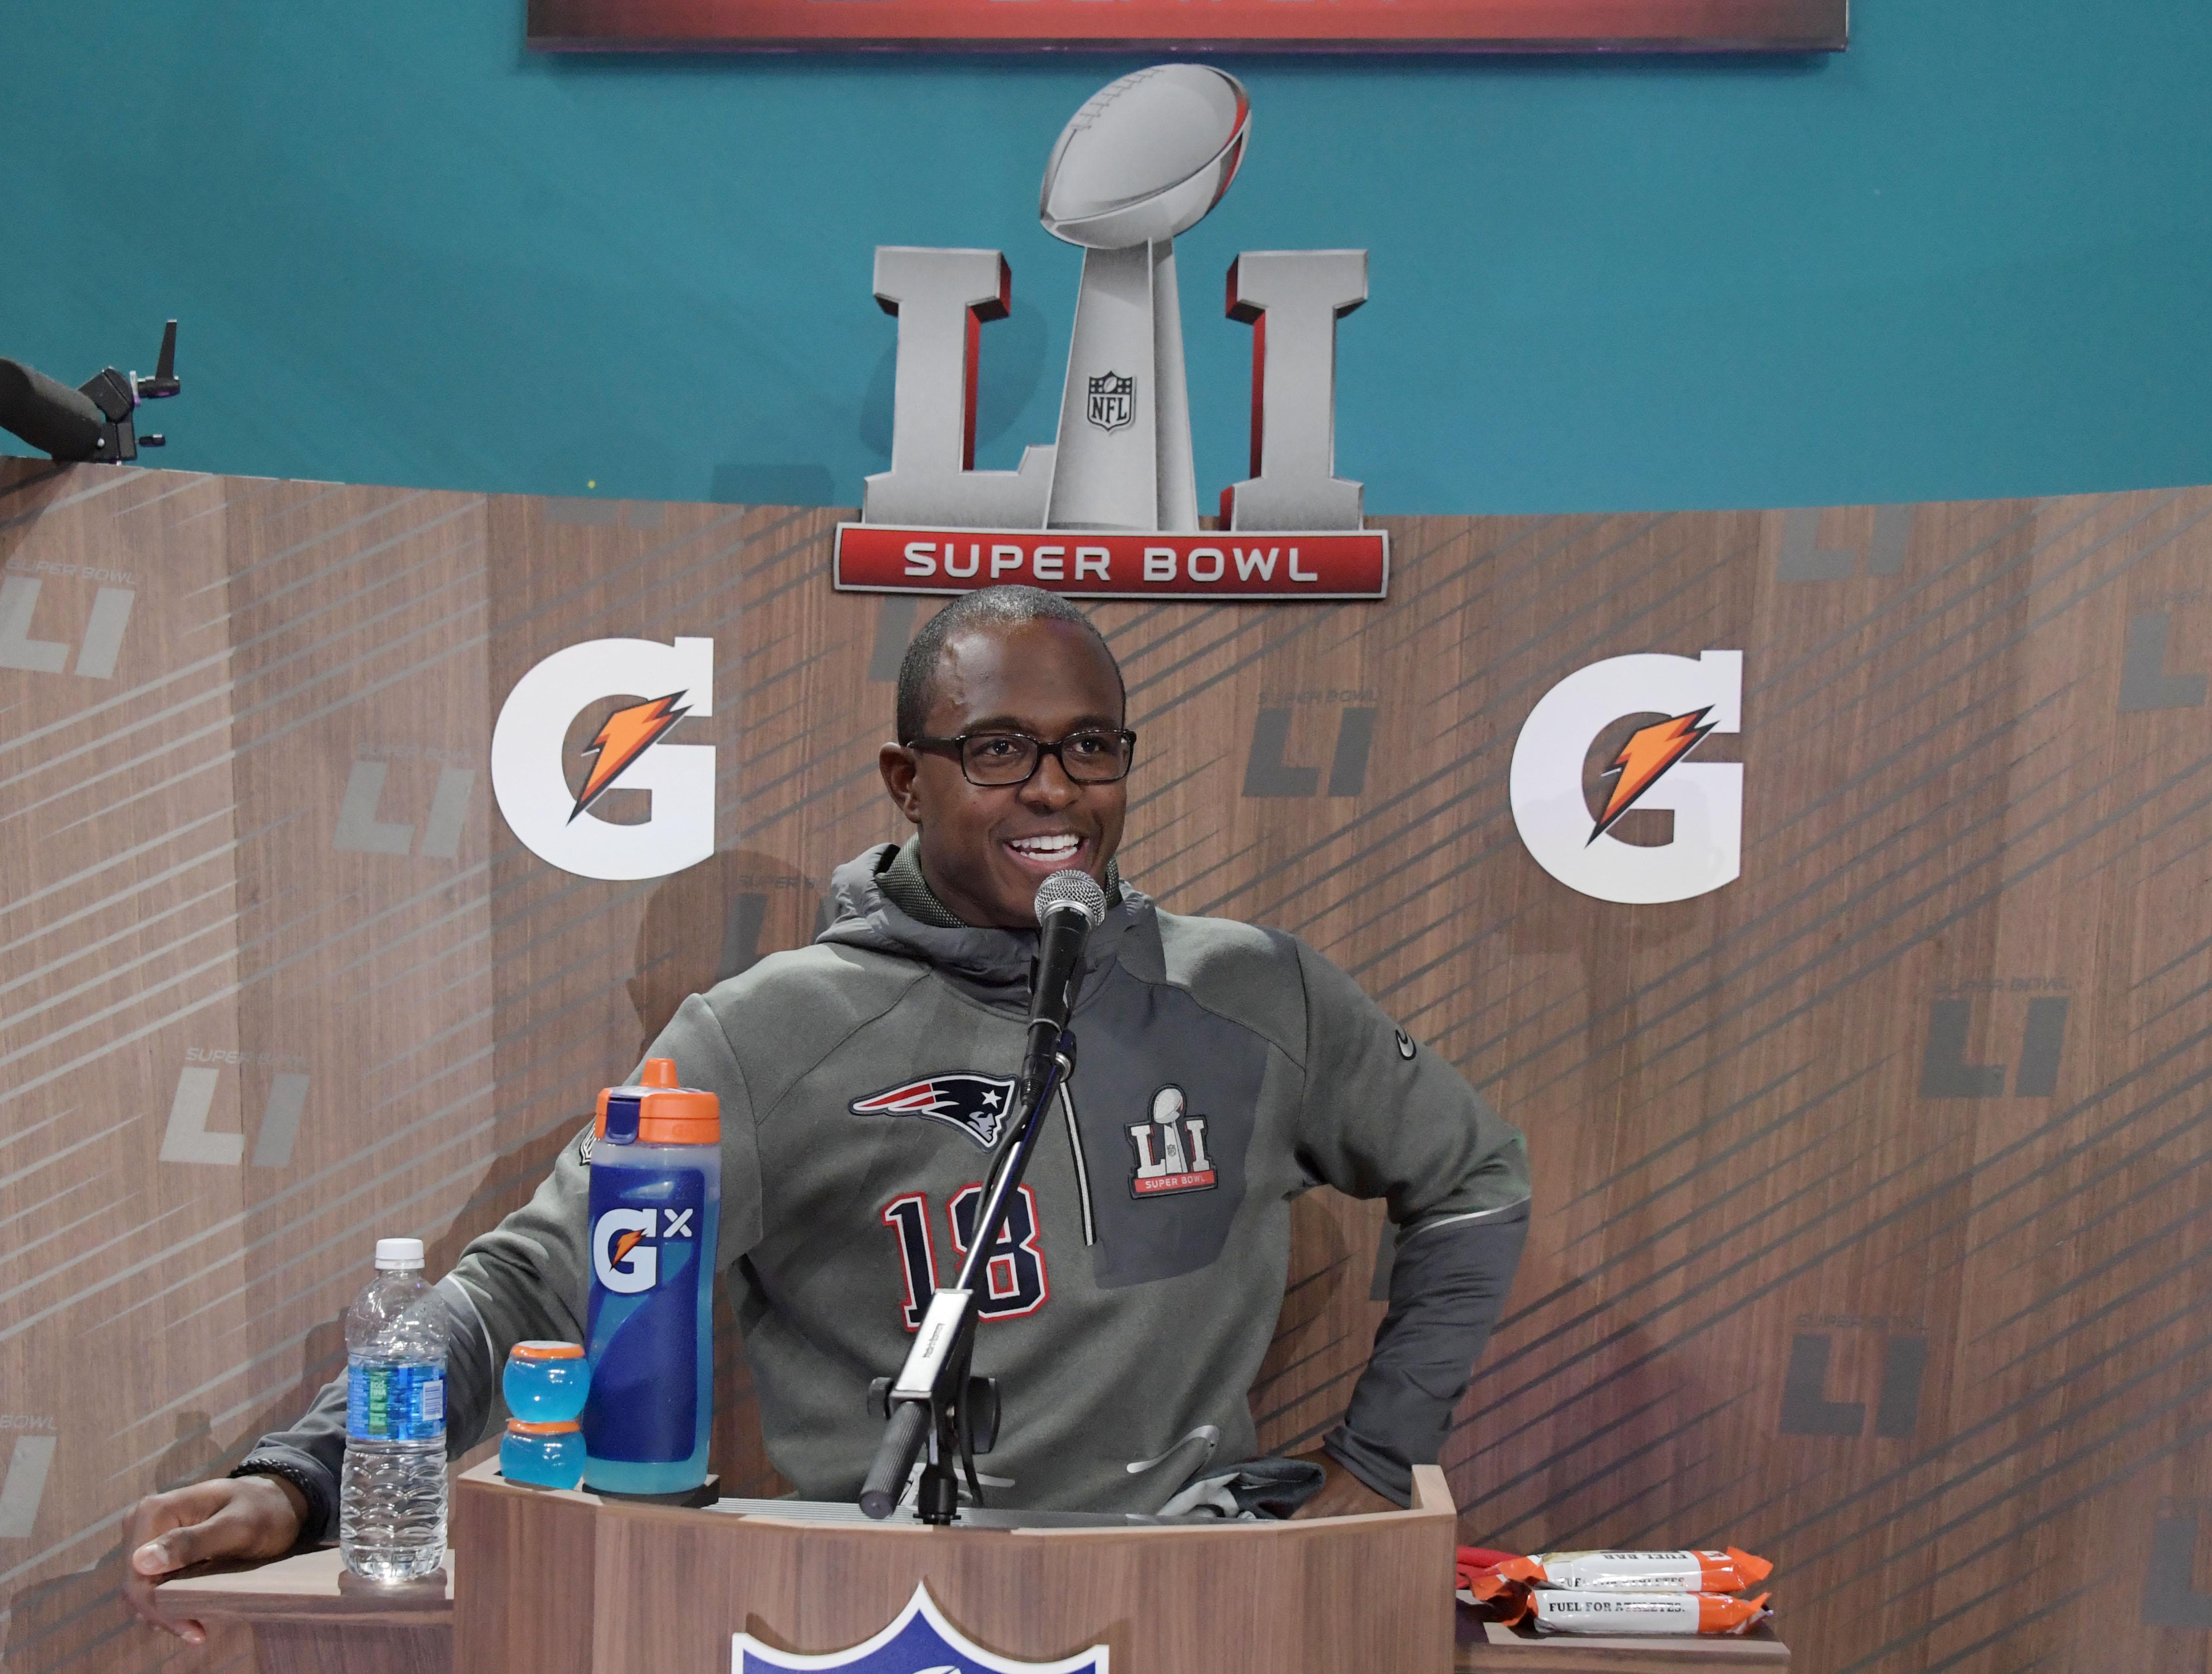 NFL: Super Bowl LI-Opening Night